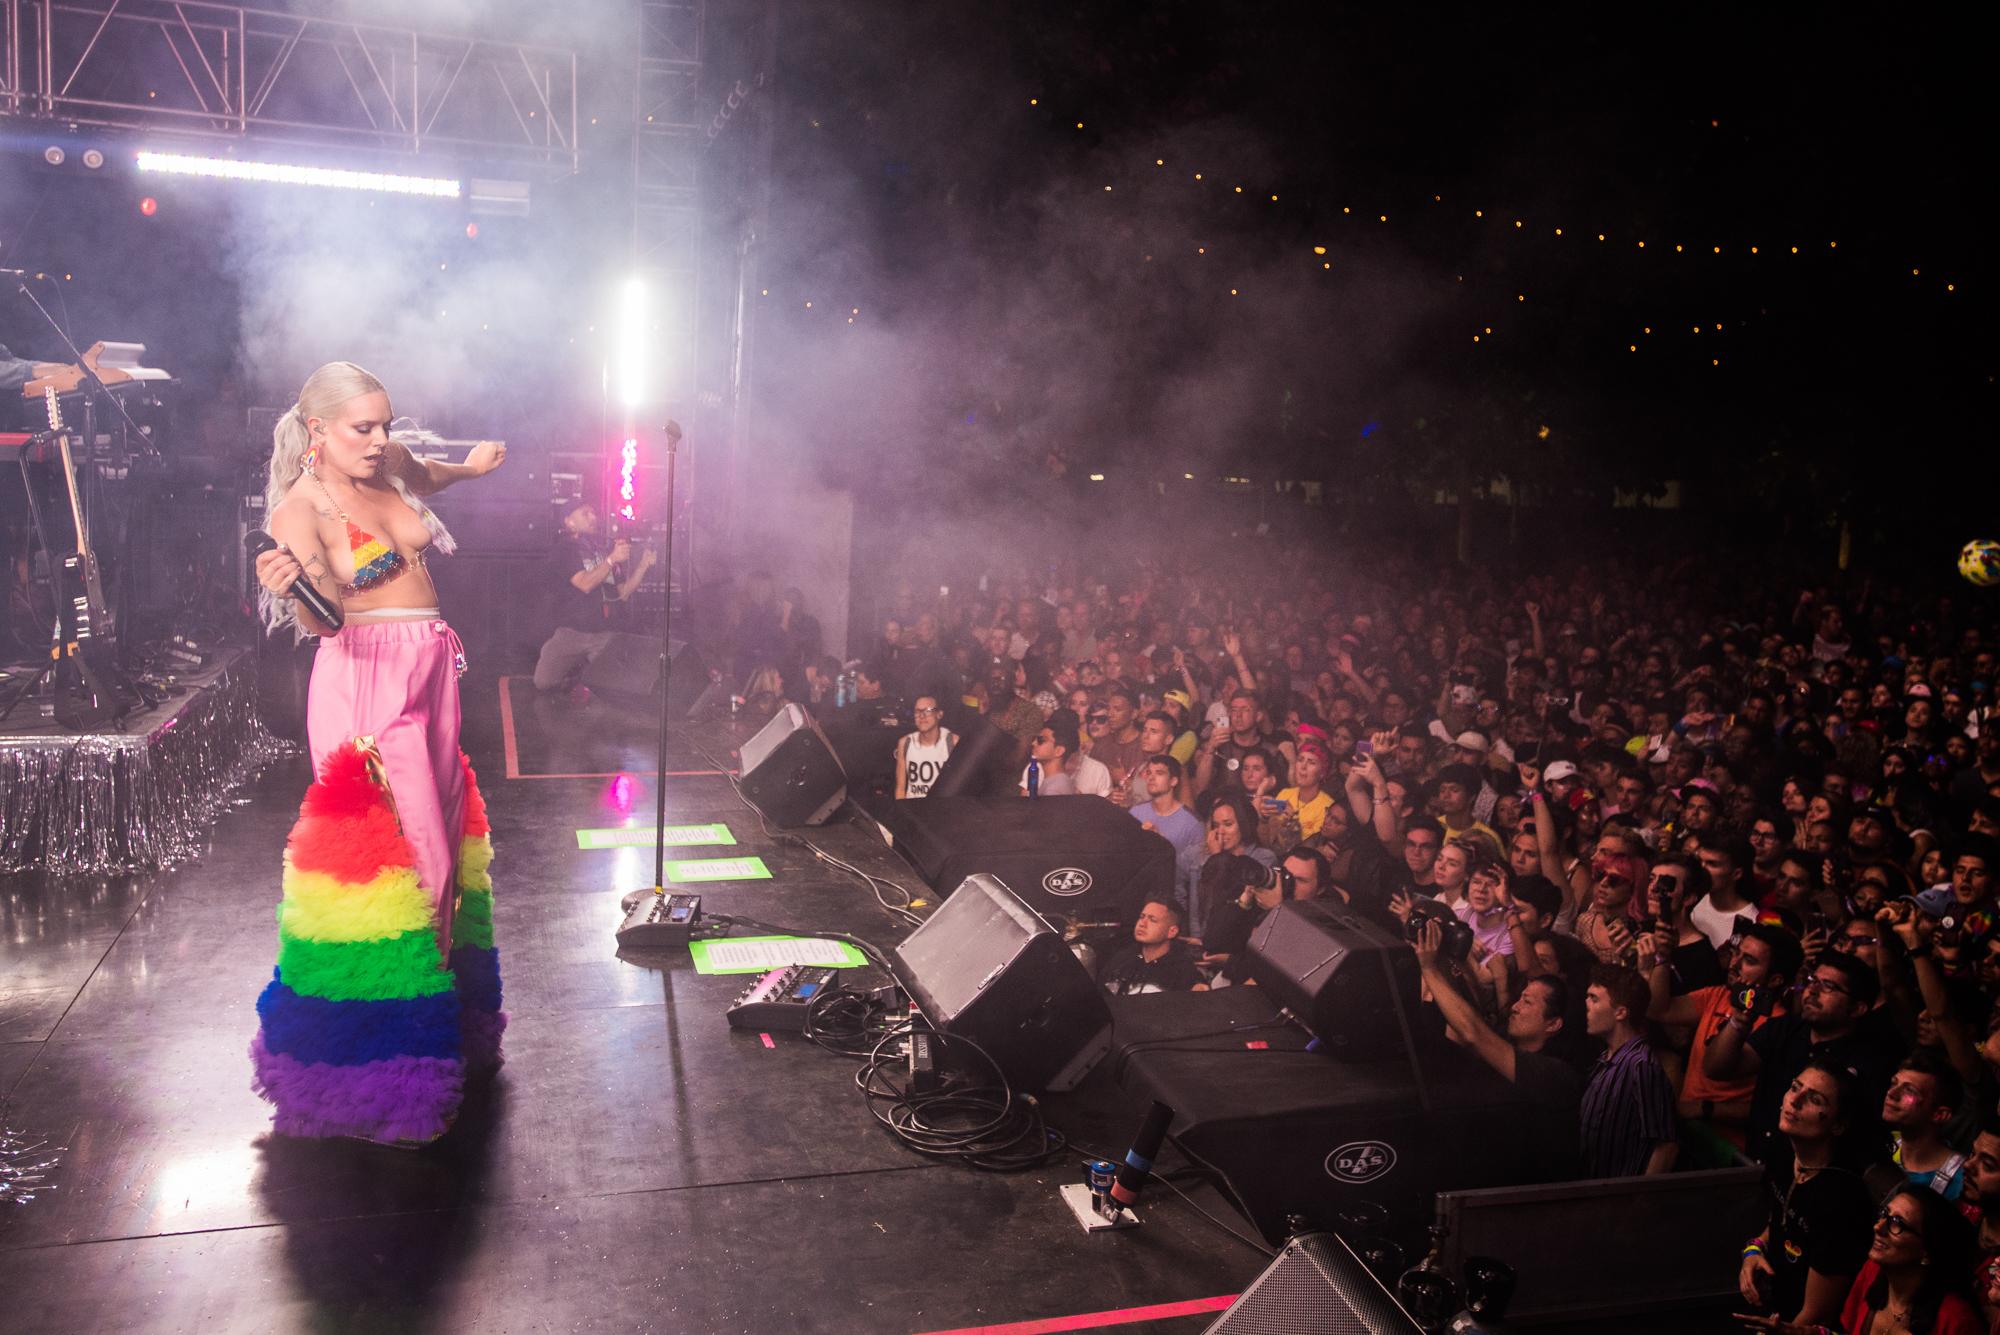 L.A. pride photos tove lo